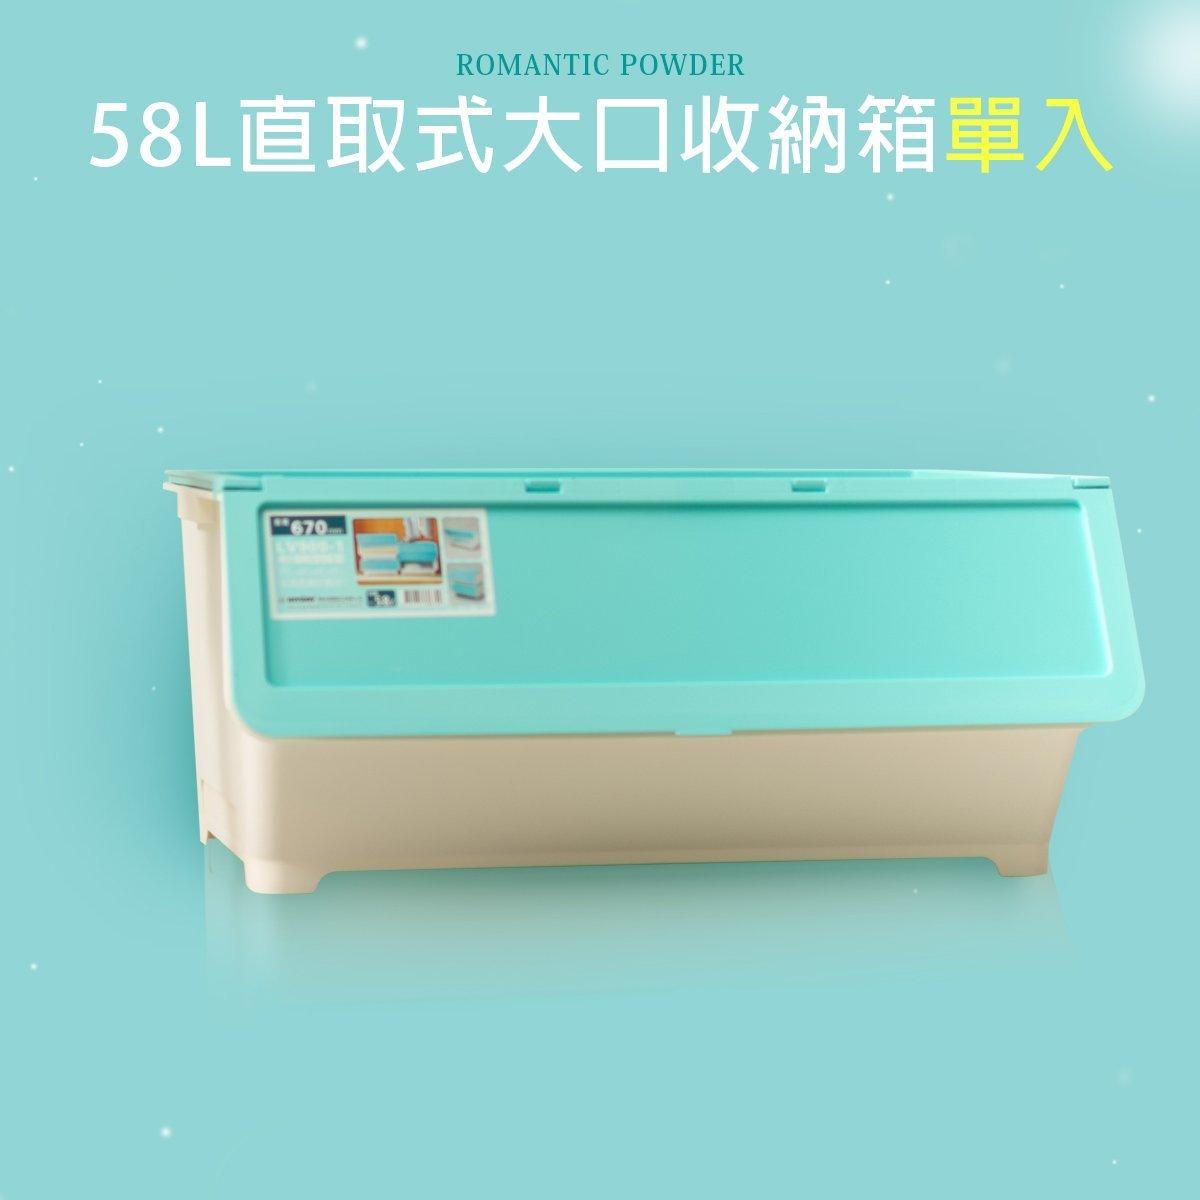 收納箱【大型單入】直取式大口收納箱【架式館】LV9001 玩具箱 塑膠箱 整理箱 衣物收納 置物櫃 自由堆疊